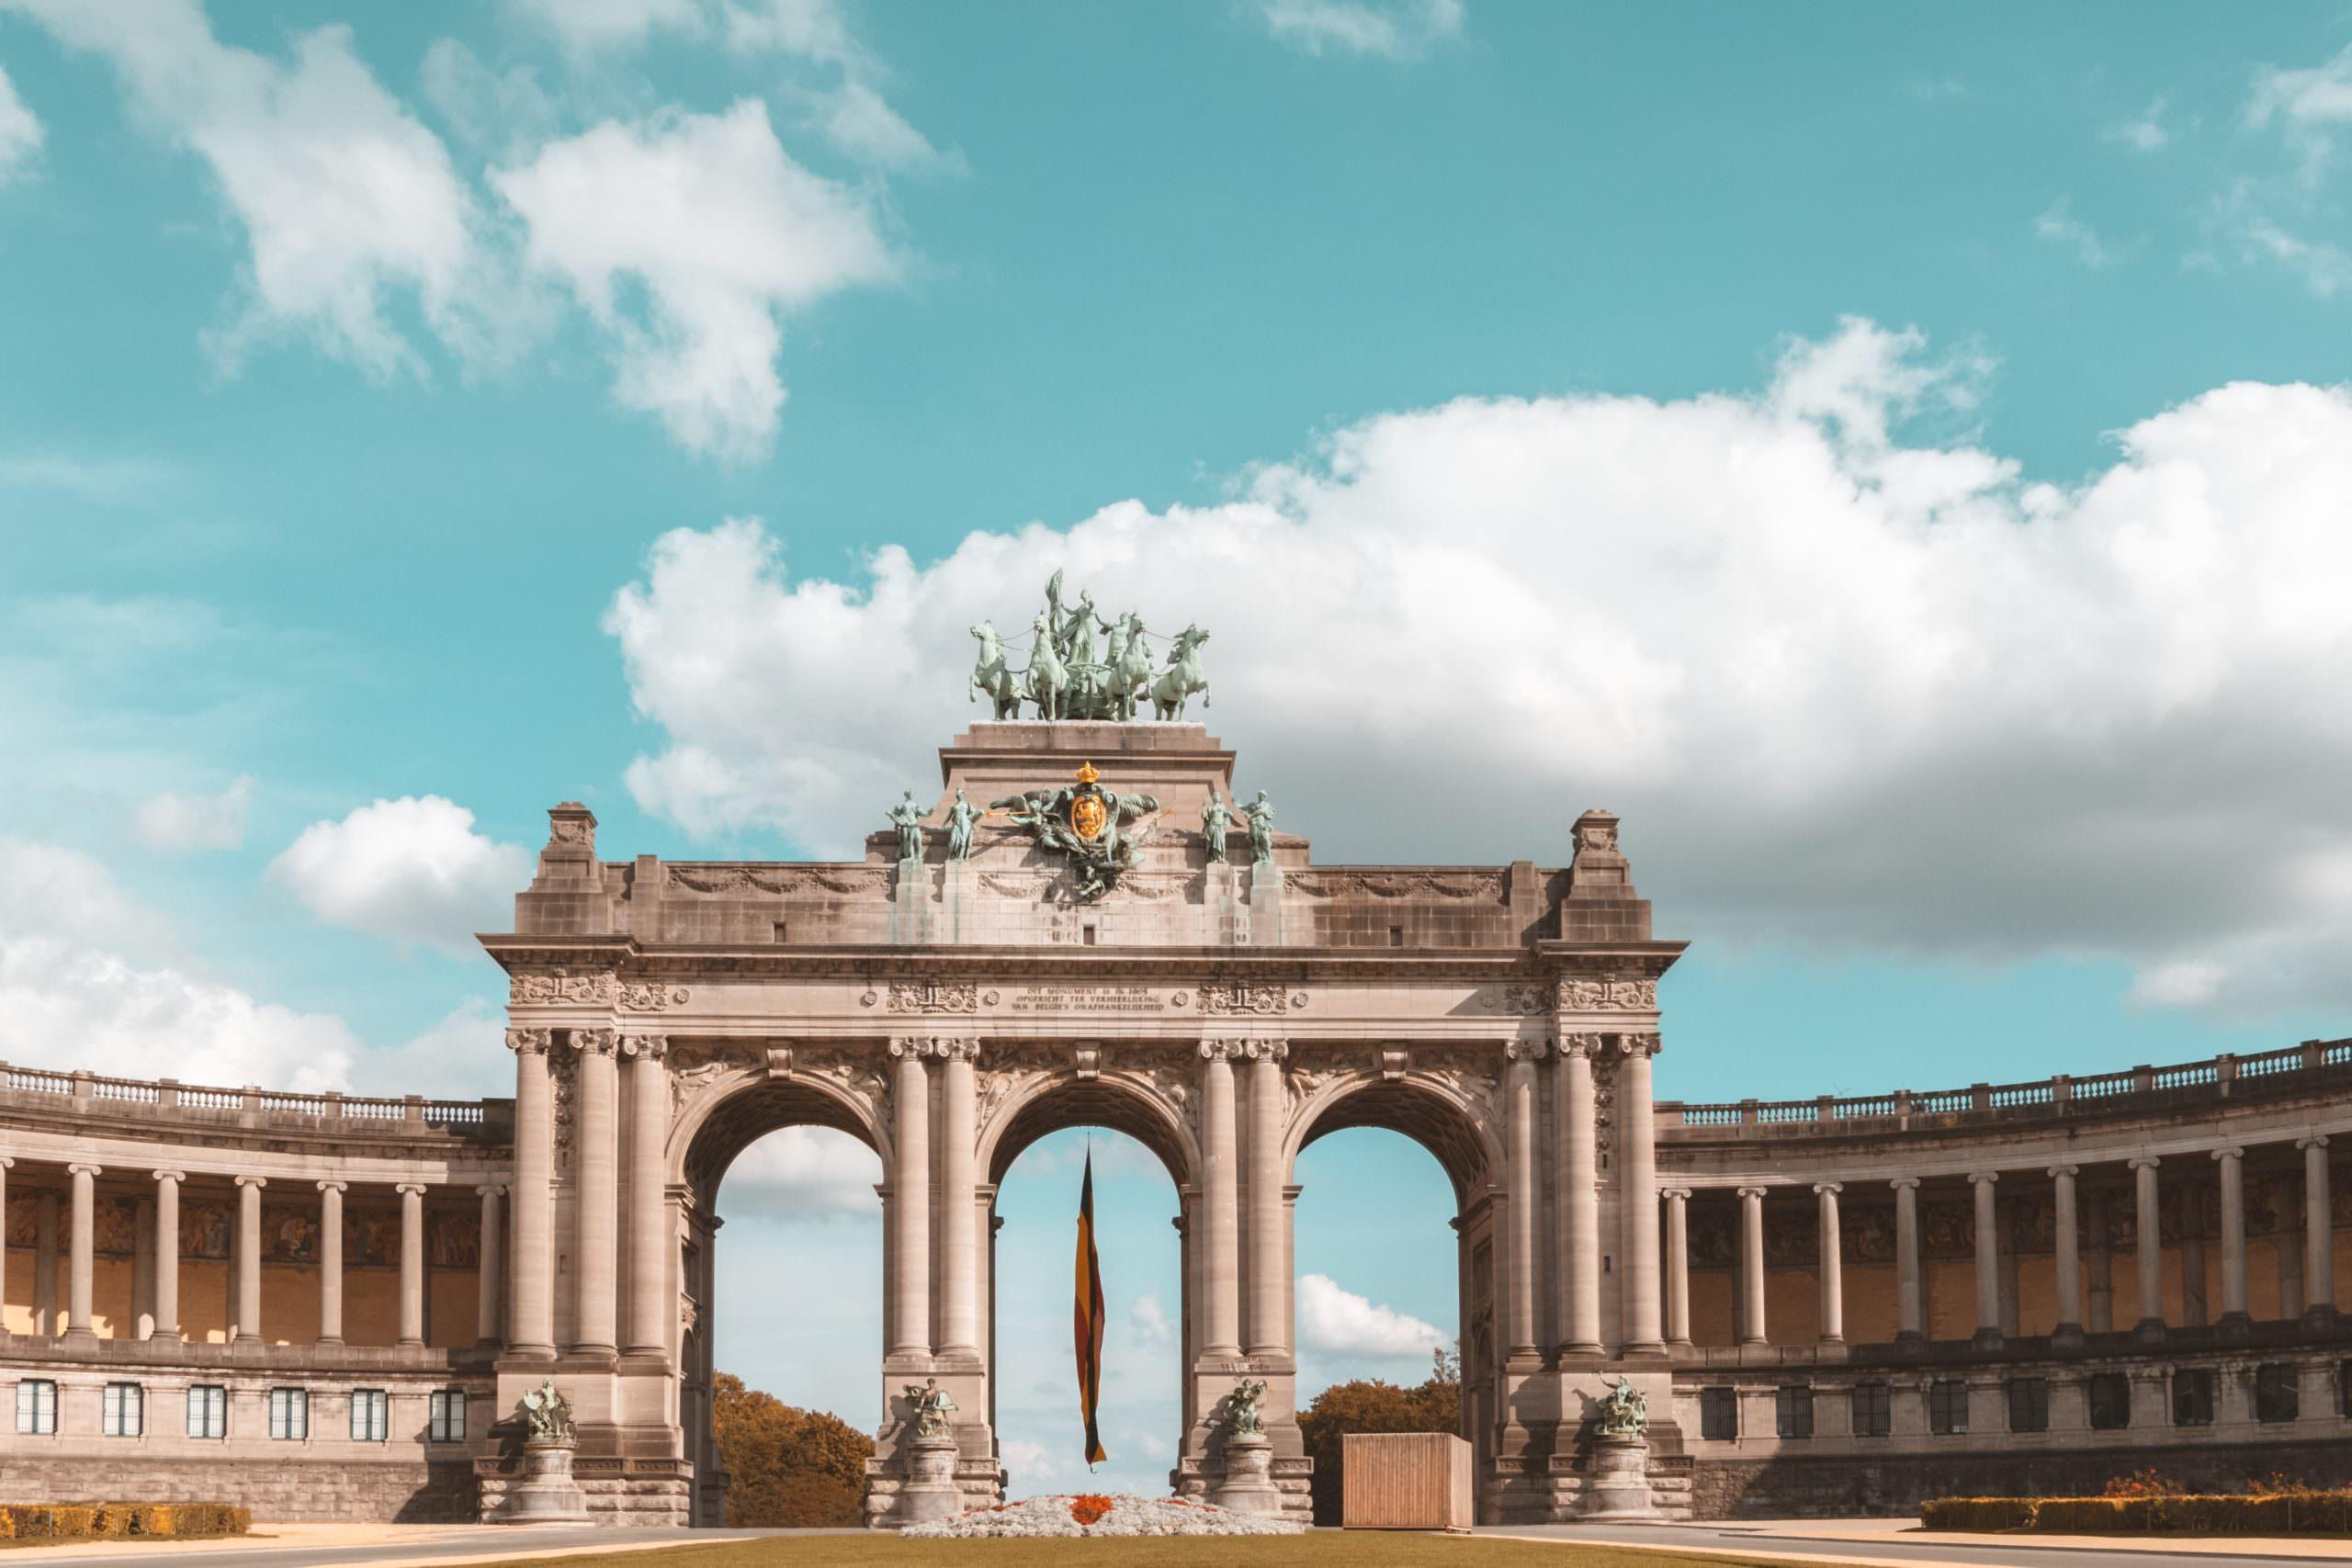 المعالم السياحية التي يجب زيارتها في بروكسل ، بلجيكا